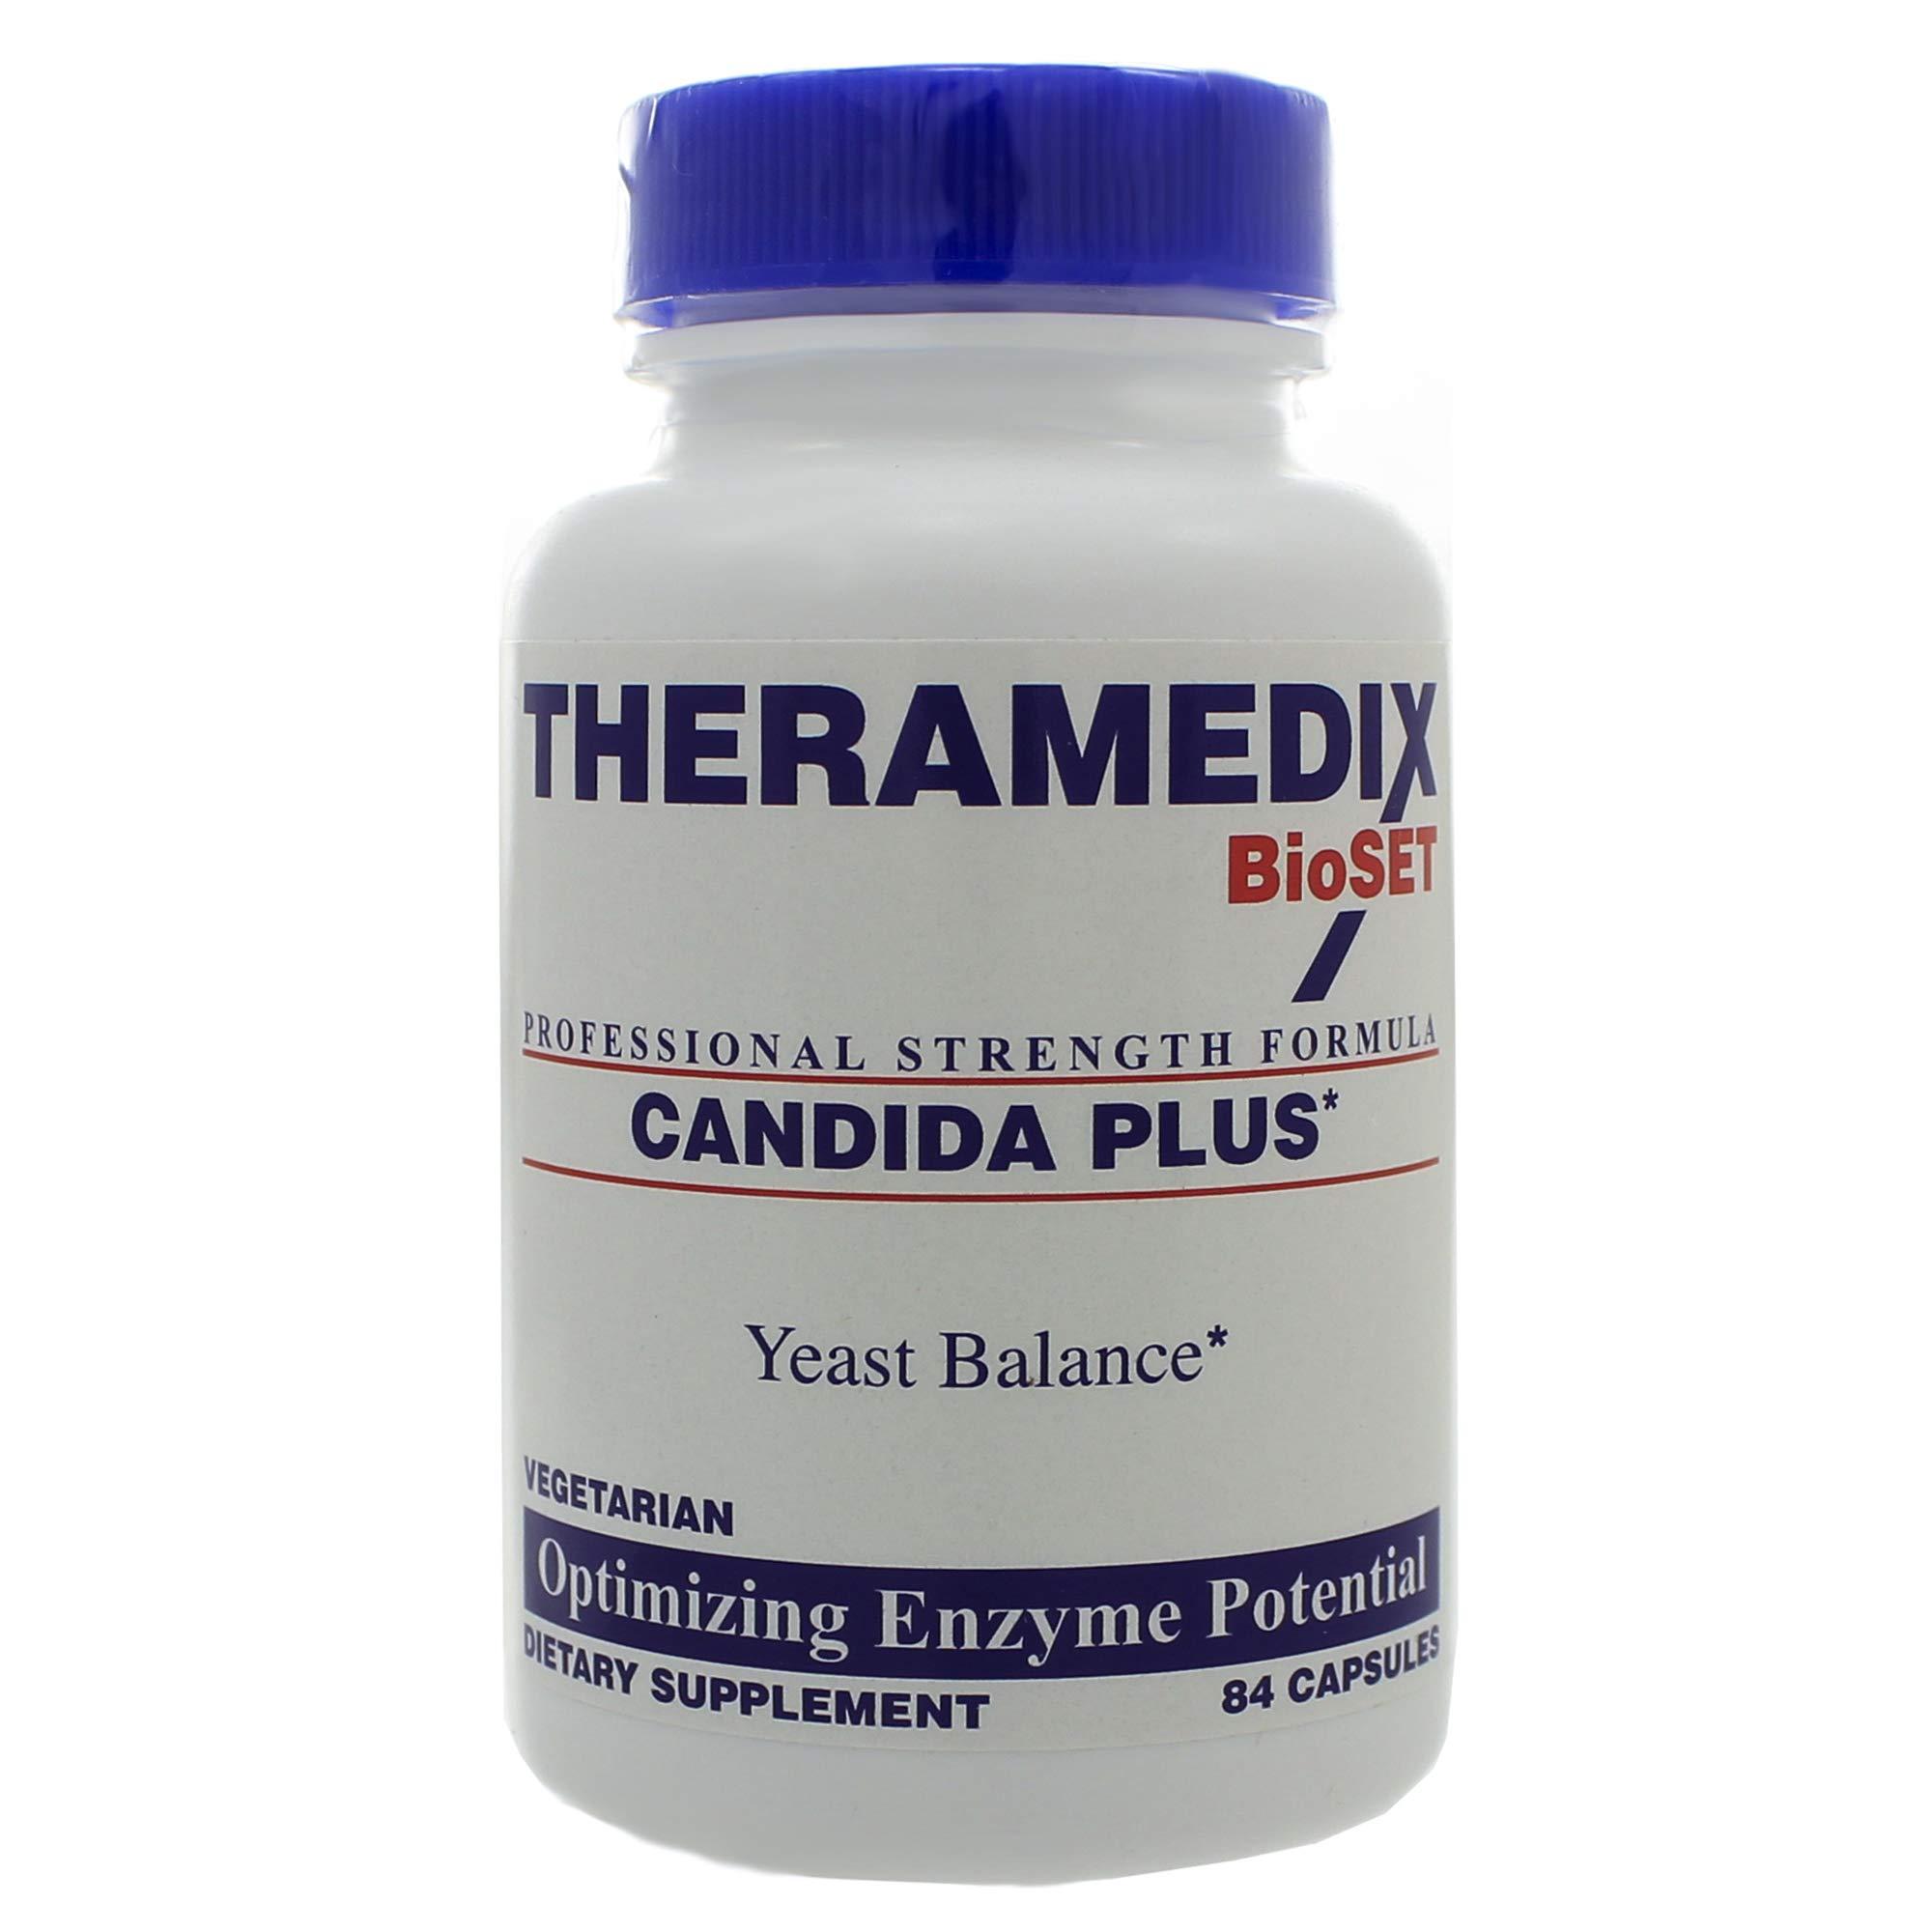 Candida Plus 84 Capsules by Theramedix BioSET